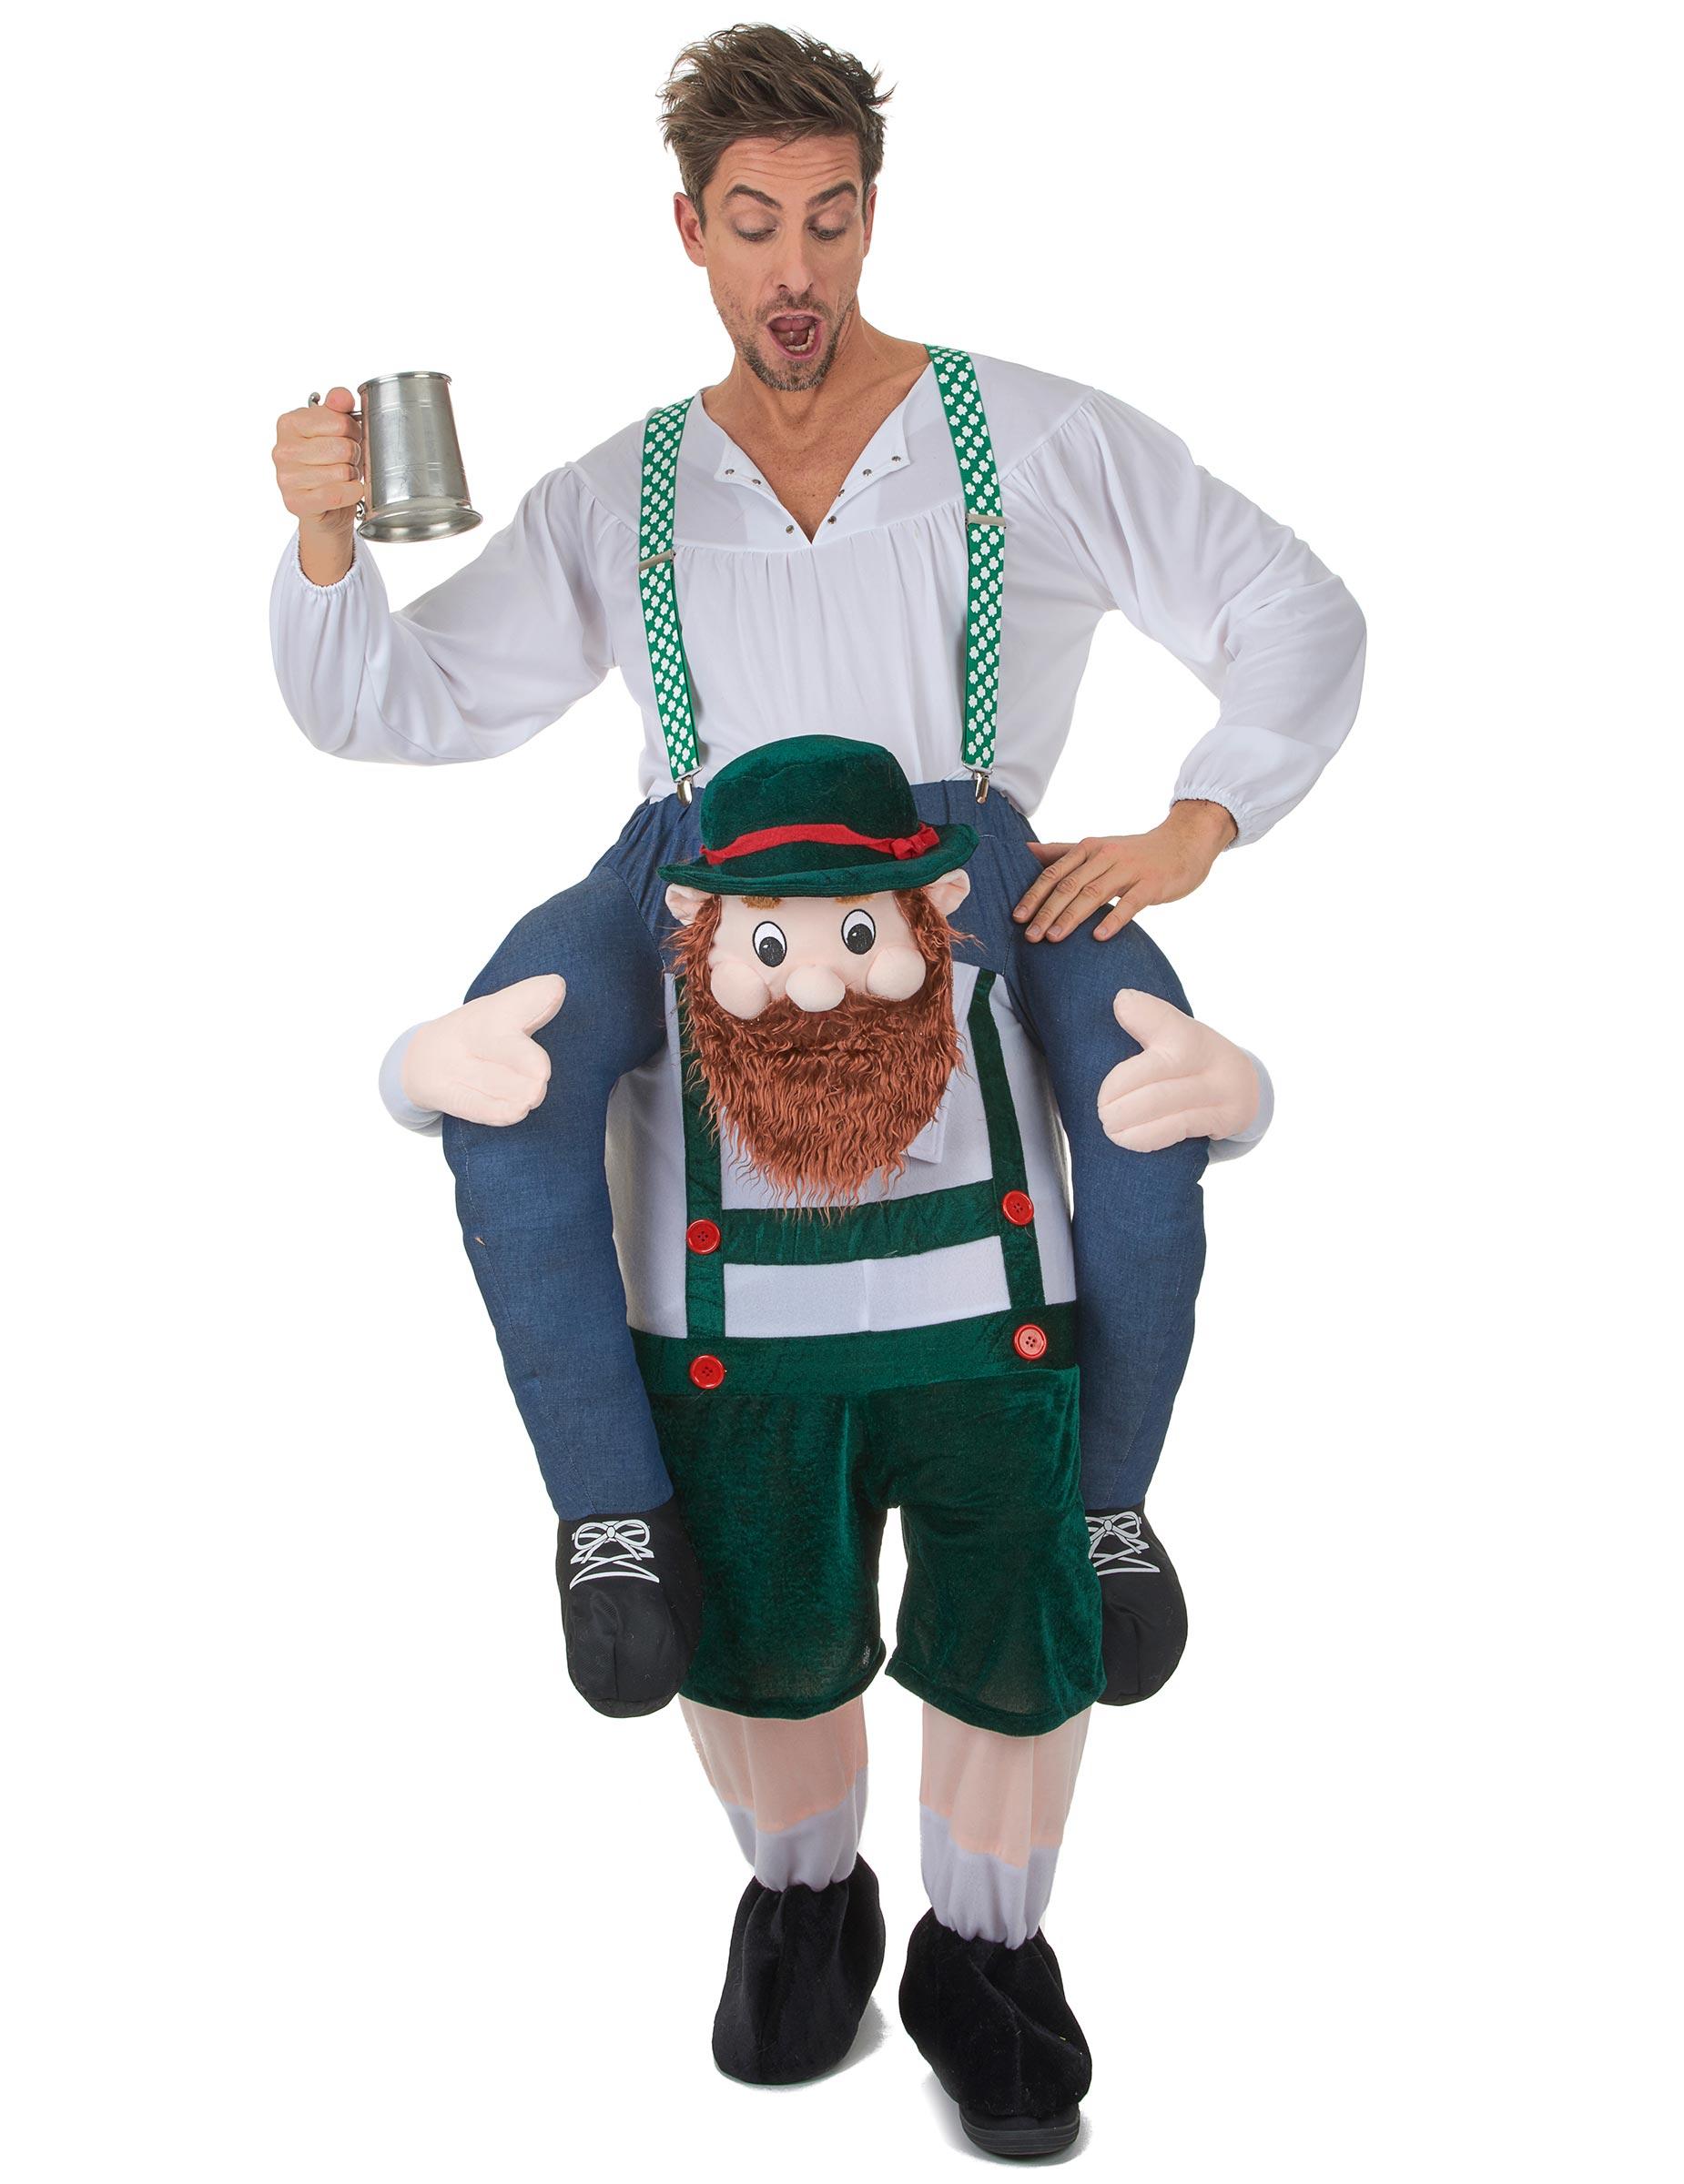 costume uomo sulle spalle di un bavarese carry me costumi adulti e vestiti di carnevale online. Black Bedroom Furniture Sets. Home Design Ideas